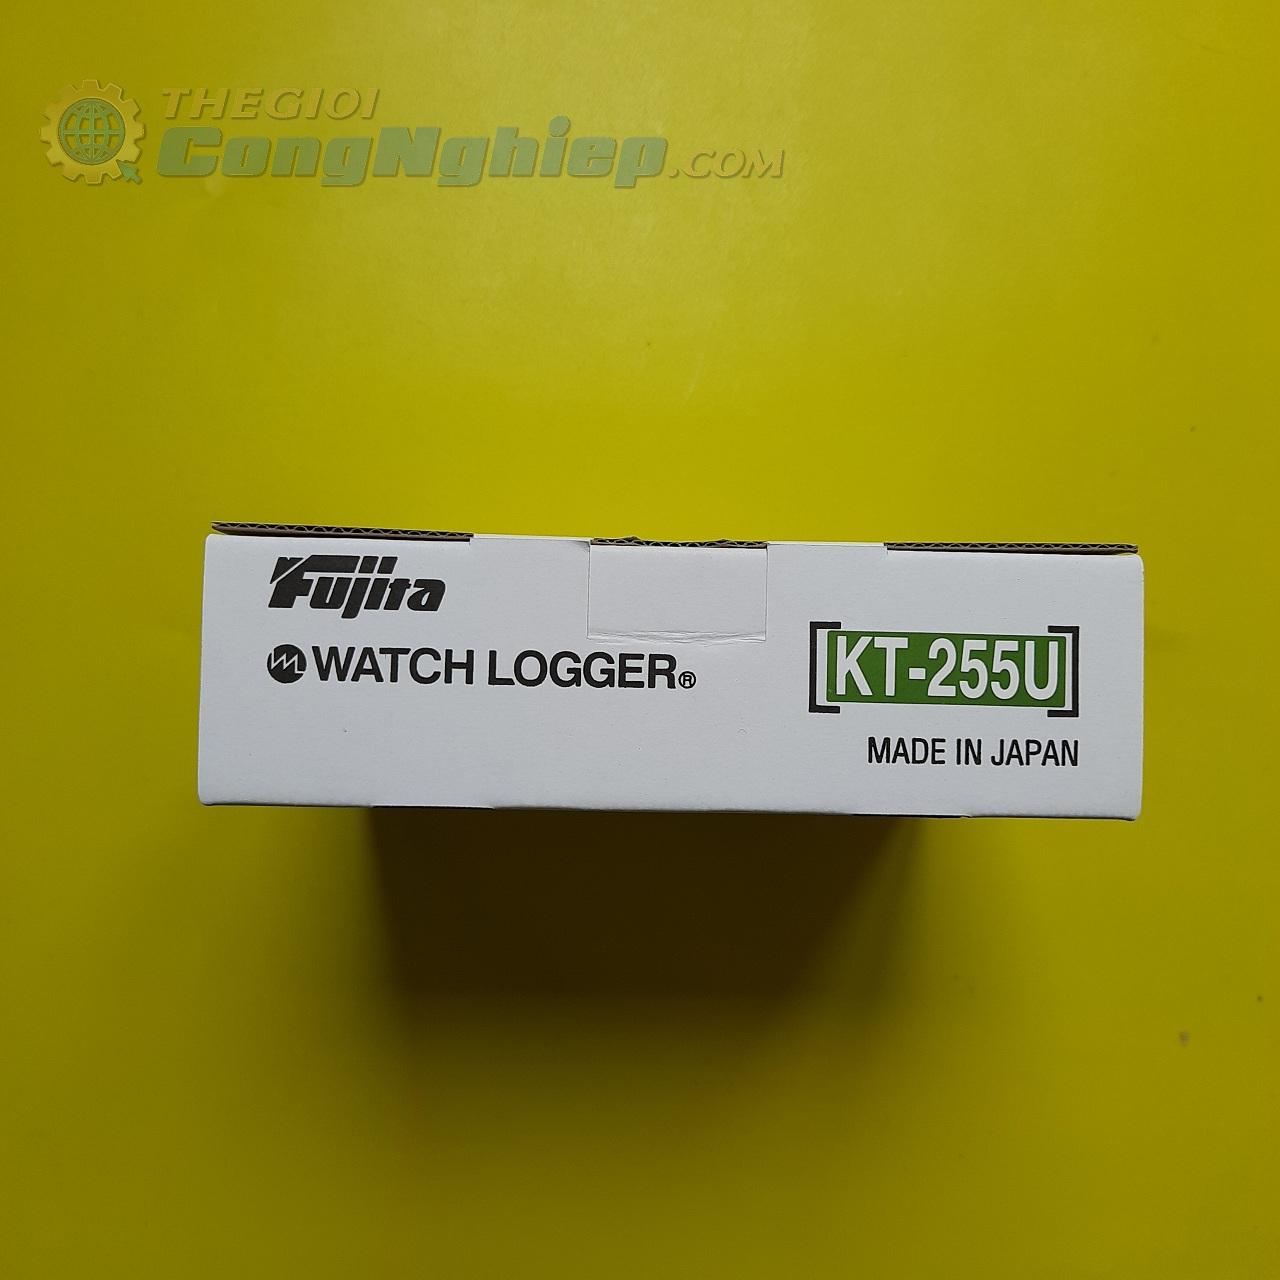 WATCH LOGGER KT-255U Fujita